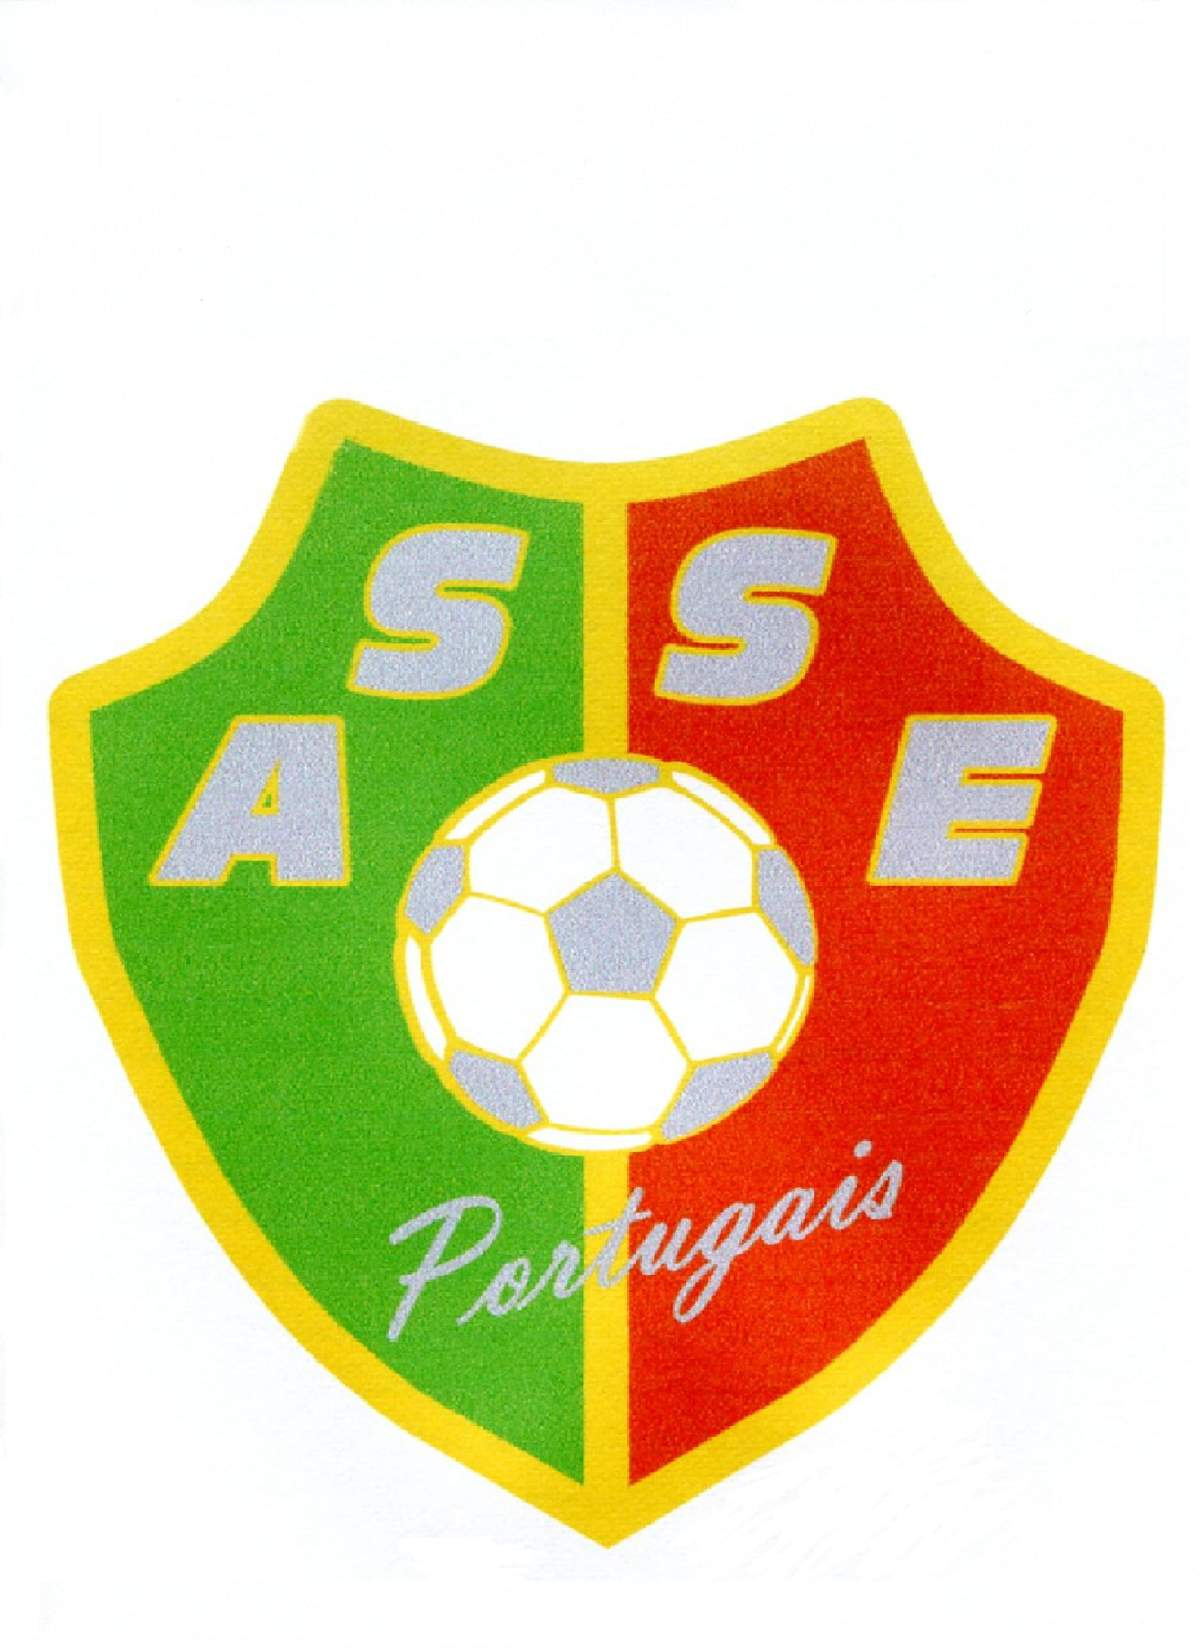 Photo de l'équipe Elsau Portugais